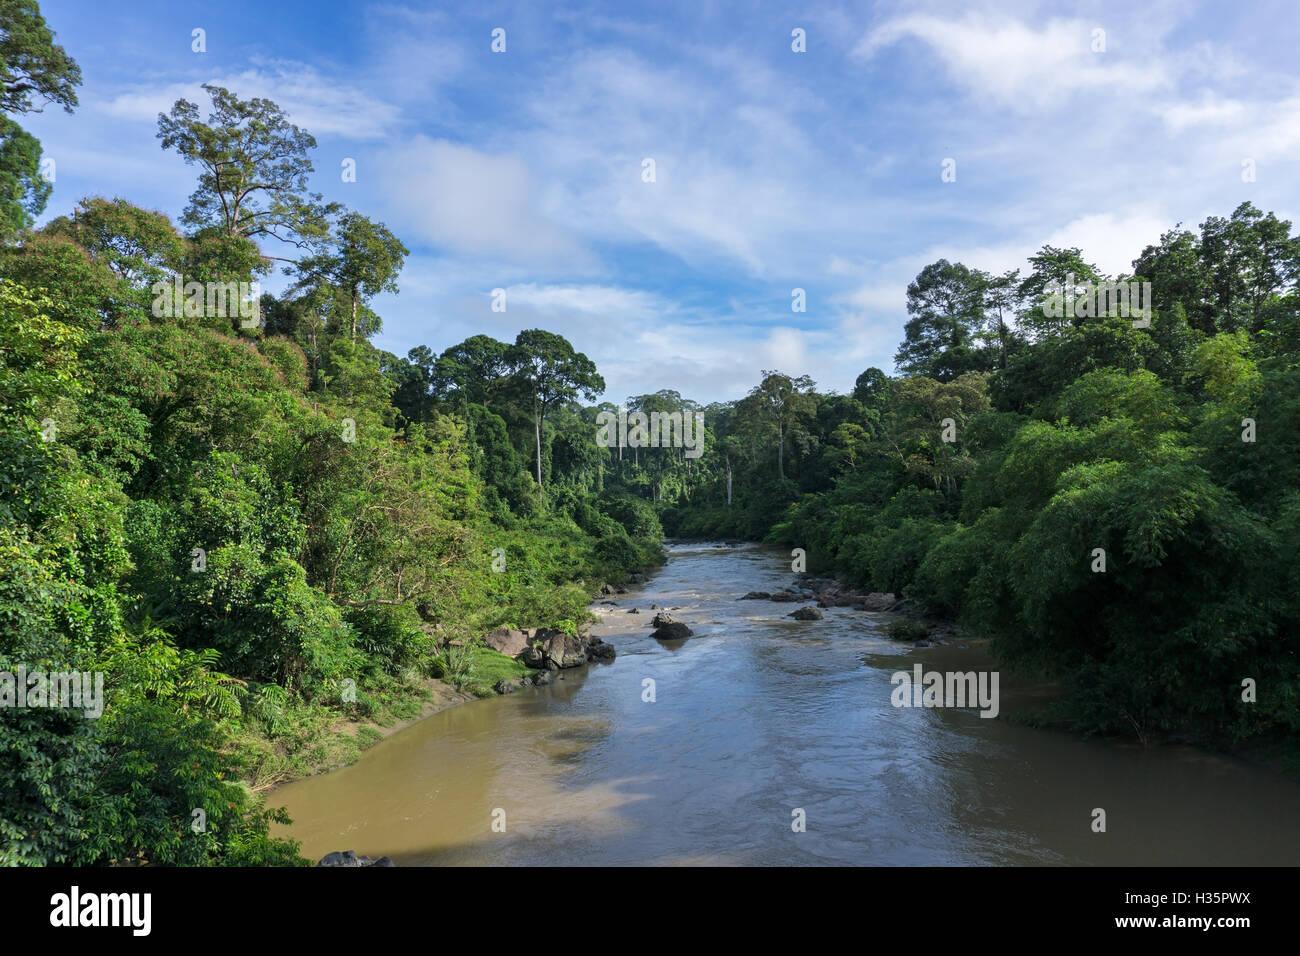 Fiume Segama affiancato da indisturbati i lowland dipterocarp nella foresta di Danum Valley Conservation Area Borneo Immagini Stock